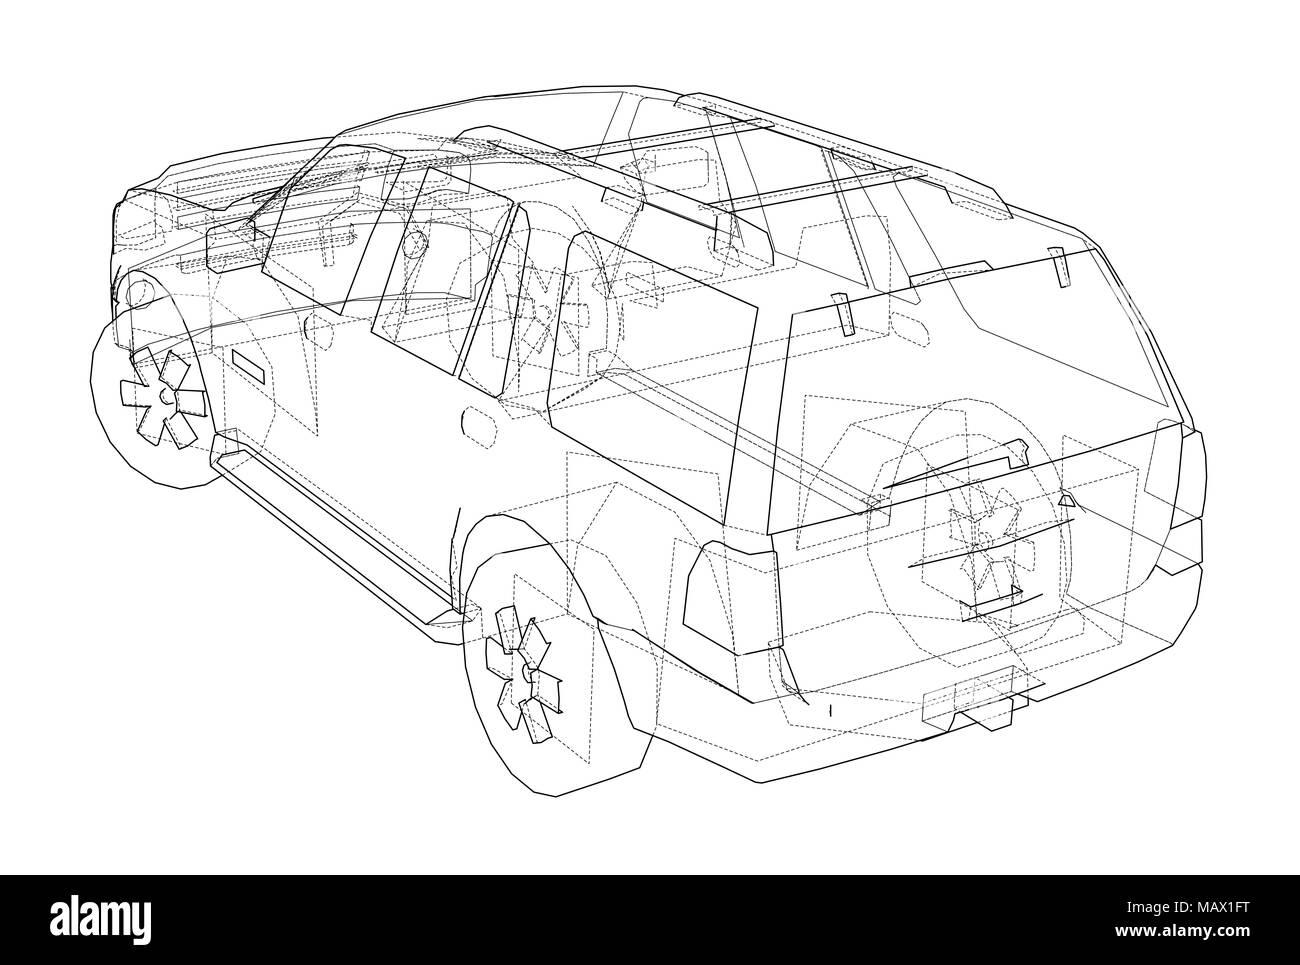 Tolle Auto Skizziert Vorlagen Bilder - Entry Level Resume Vorlagen ...